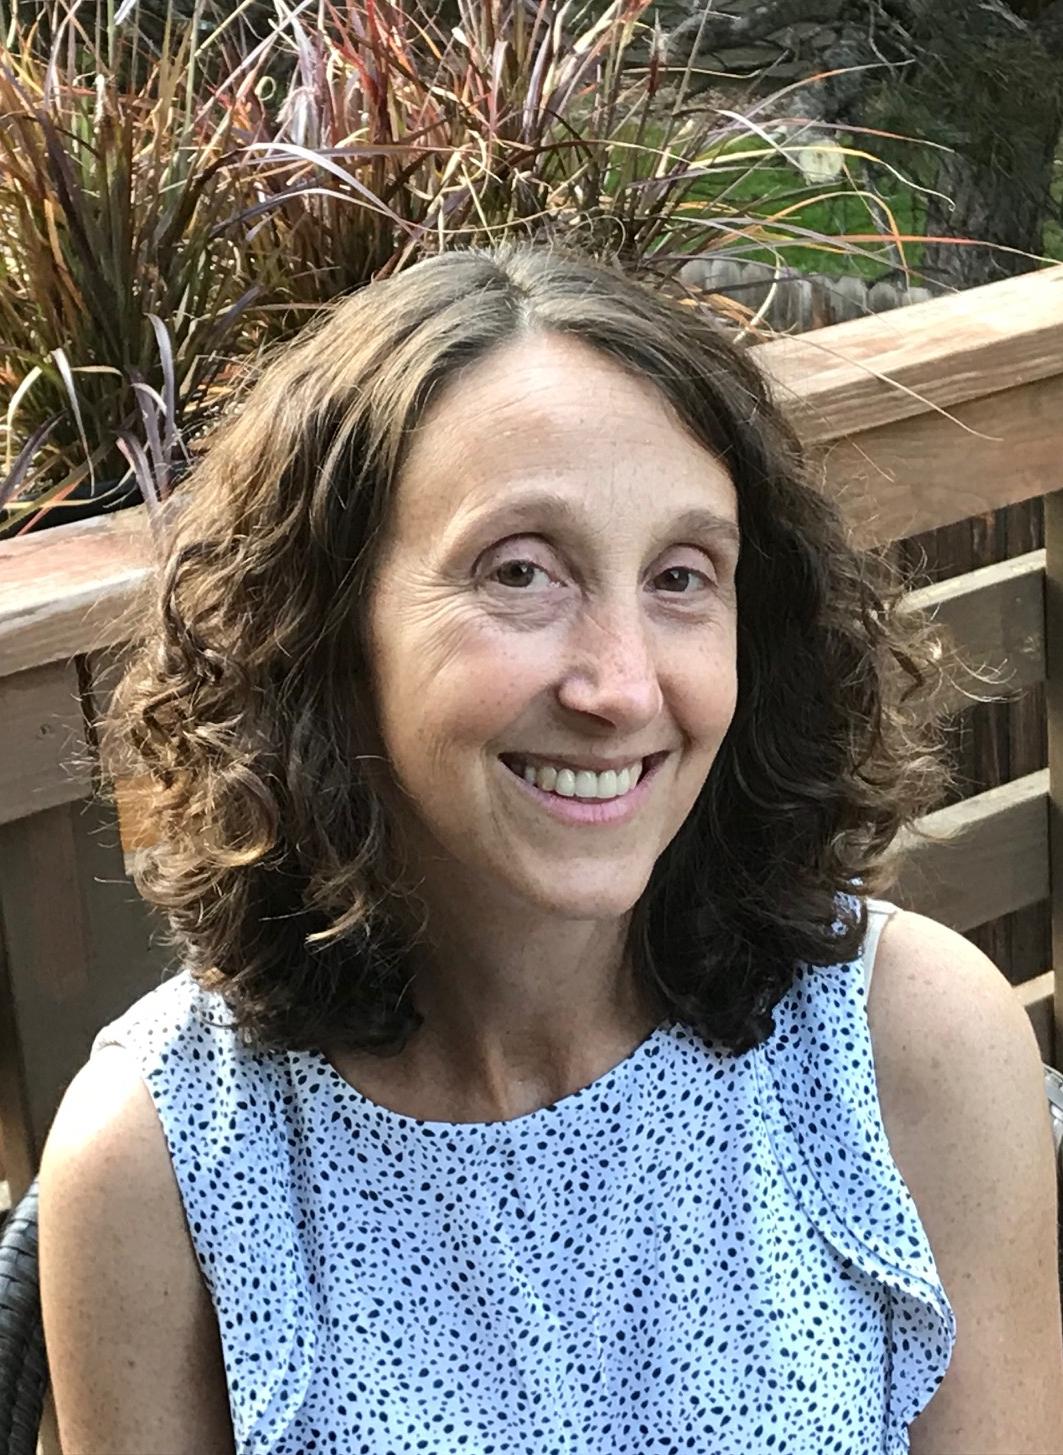 Allison Freedman - Communications